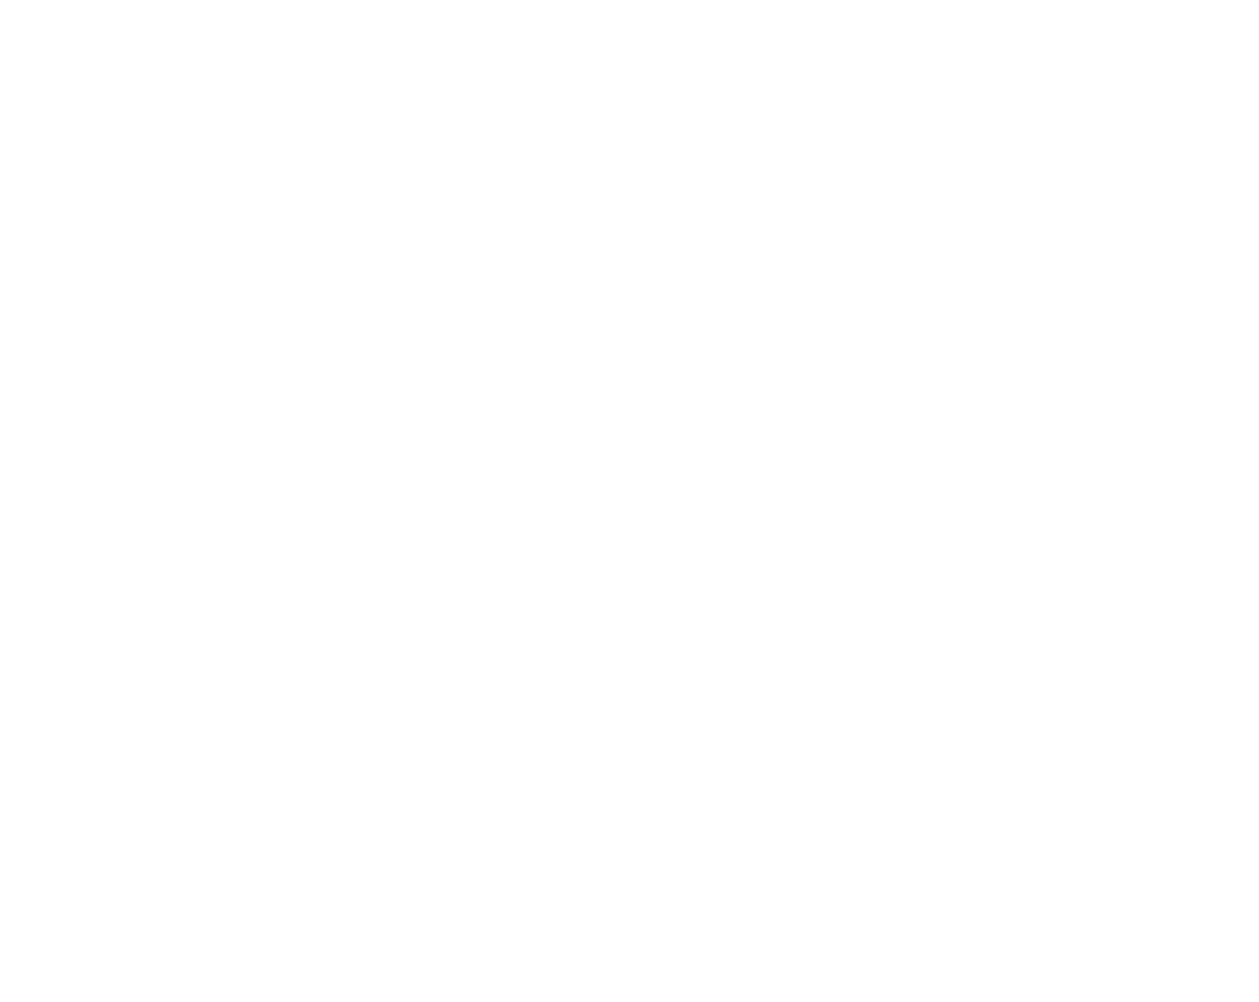 Eastgate Gallery - Kate Elsey